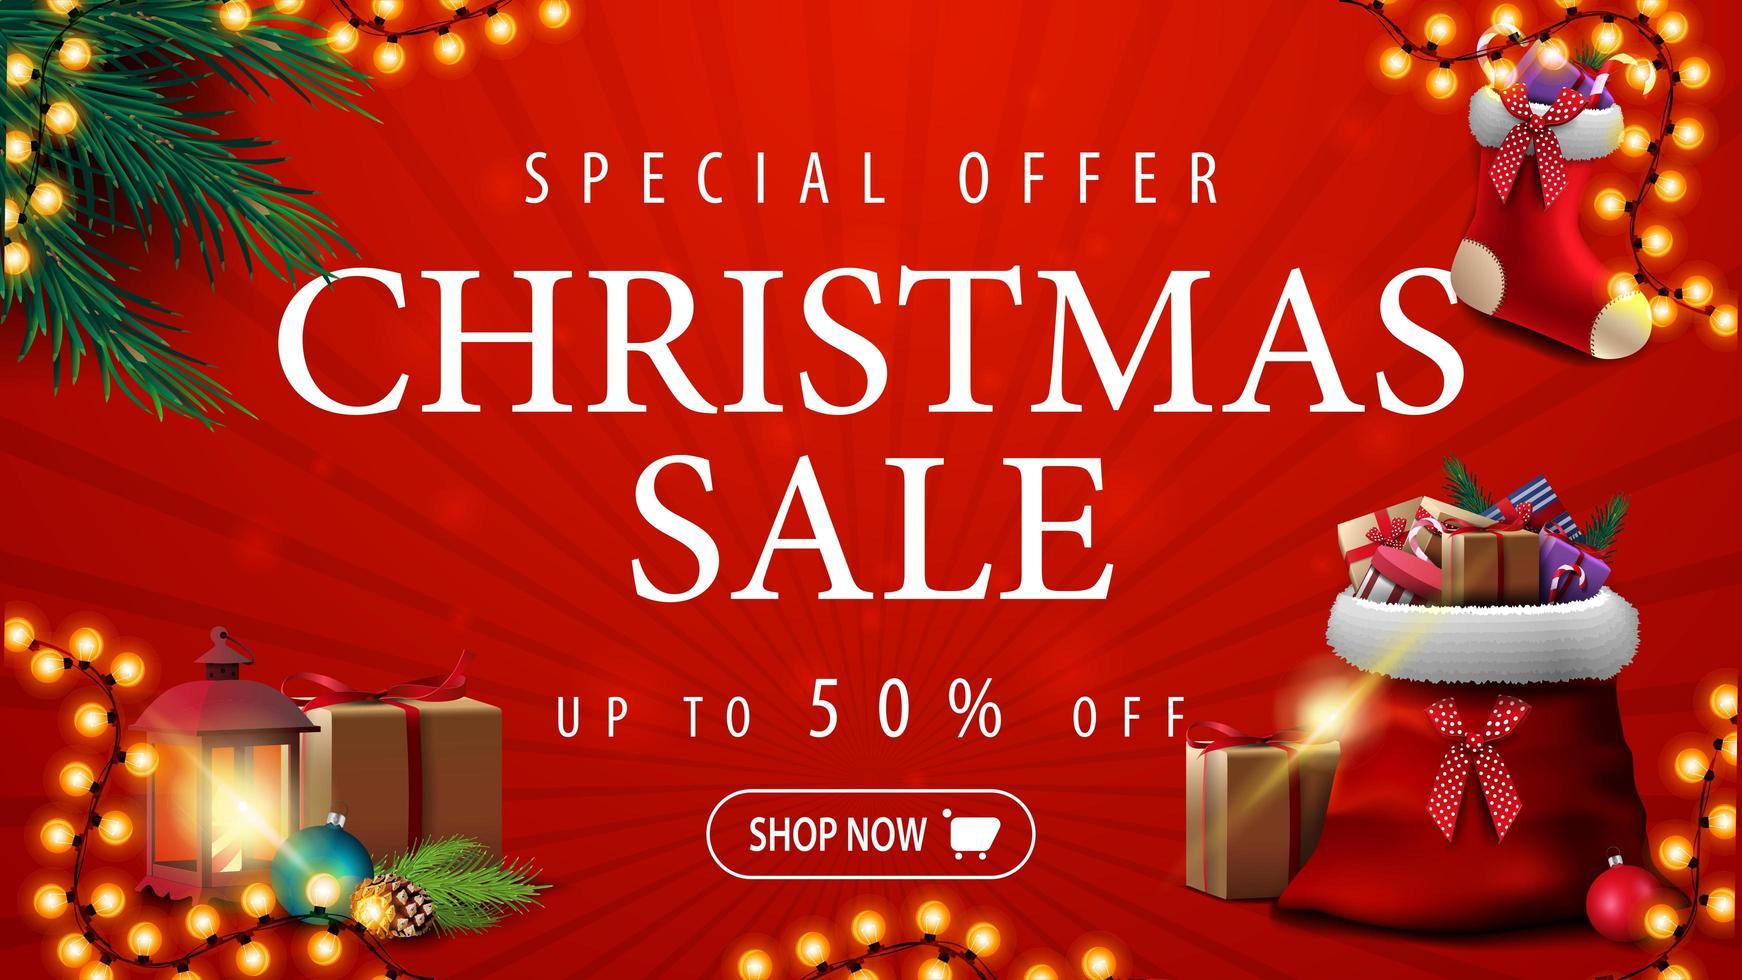 oferta especial, venta de navidad, hasta 50 de descuento, banner de descuento rojo con guirnalda, ramas de árbol de navidad, calcetín navideño y bolsa roja de santa claus con regalos vector